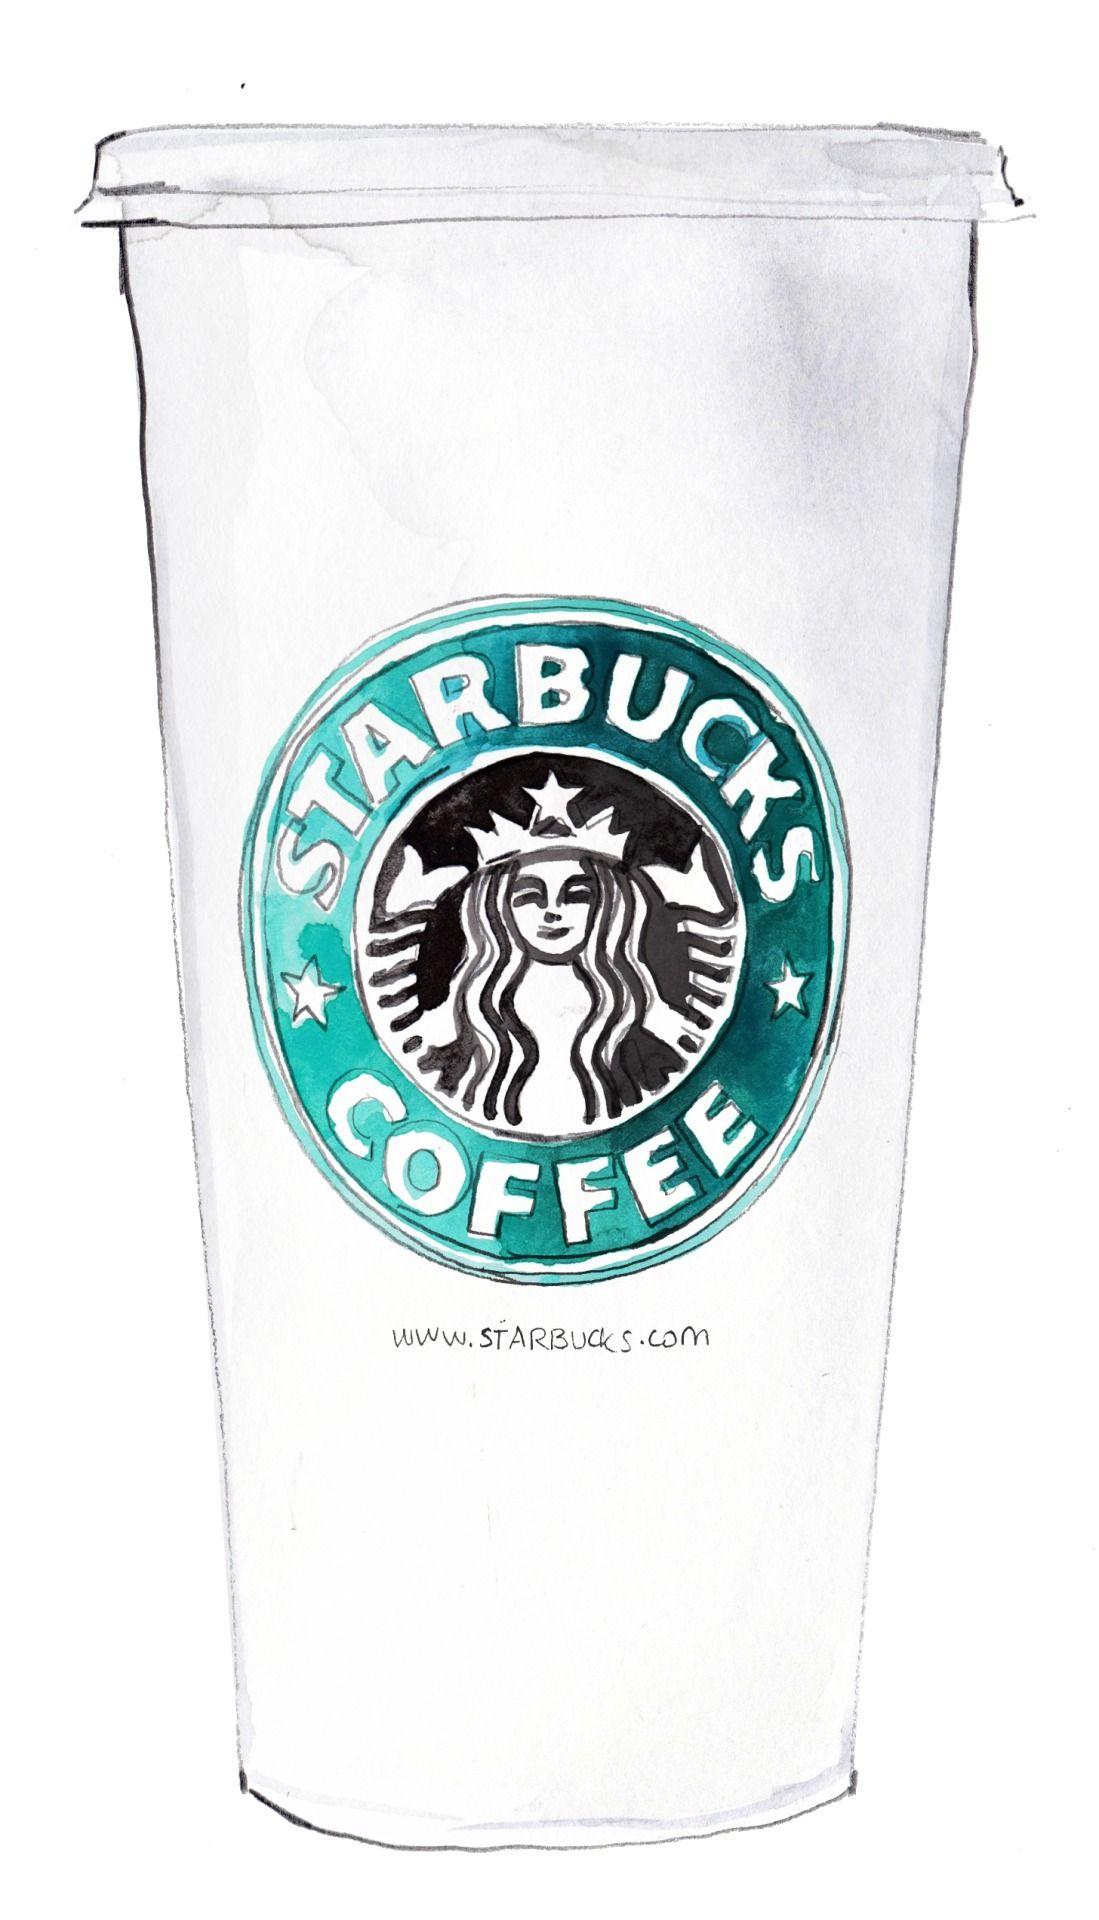 CoffeeArt WallpaperArt Morning Morning Morning WallpaperArt CoffeeArt Starbucks Starbucks CoffeeArt Starbucks 1lJTFKc3u